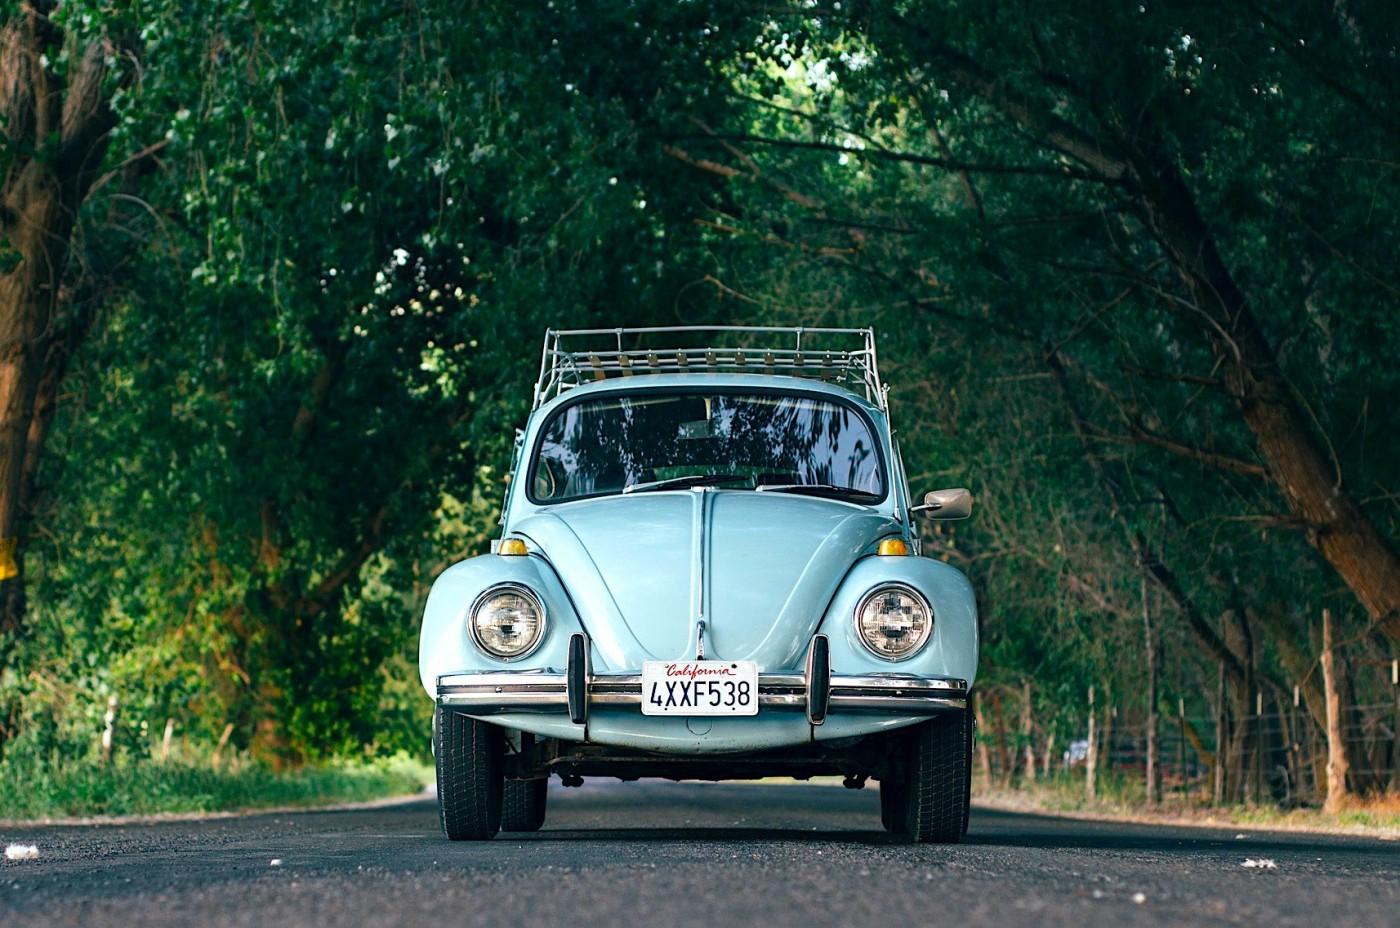 老爺車復活計畫!福斯推復古經典翻新專案,助舊車改造電動車